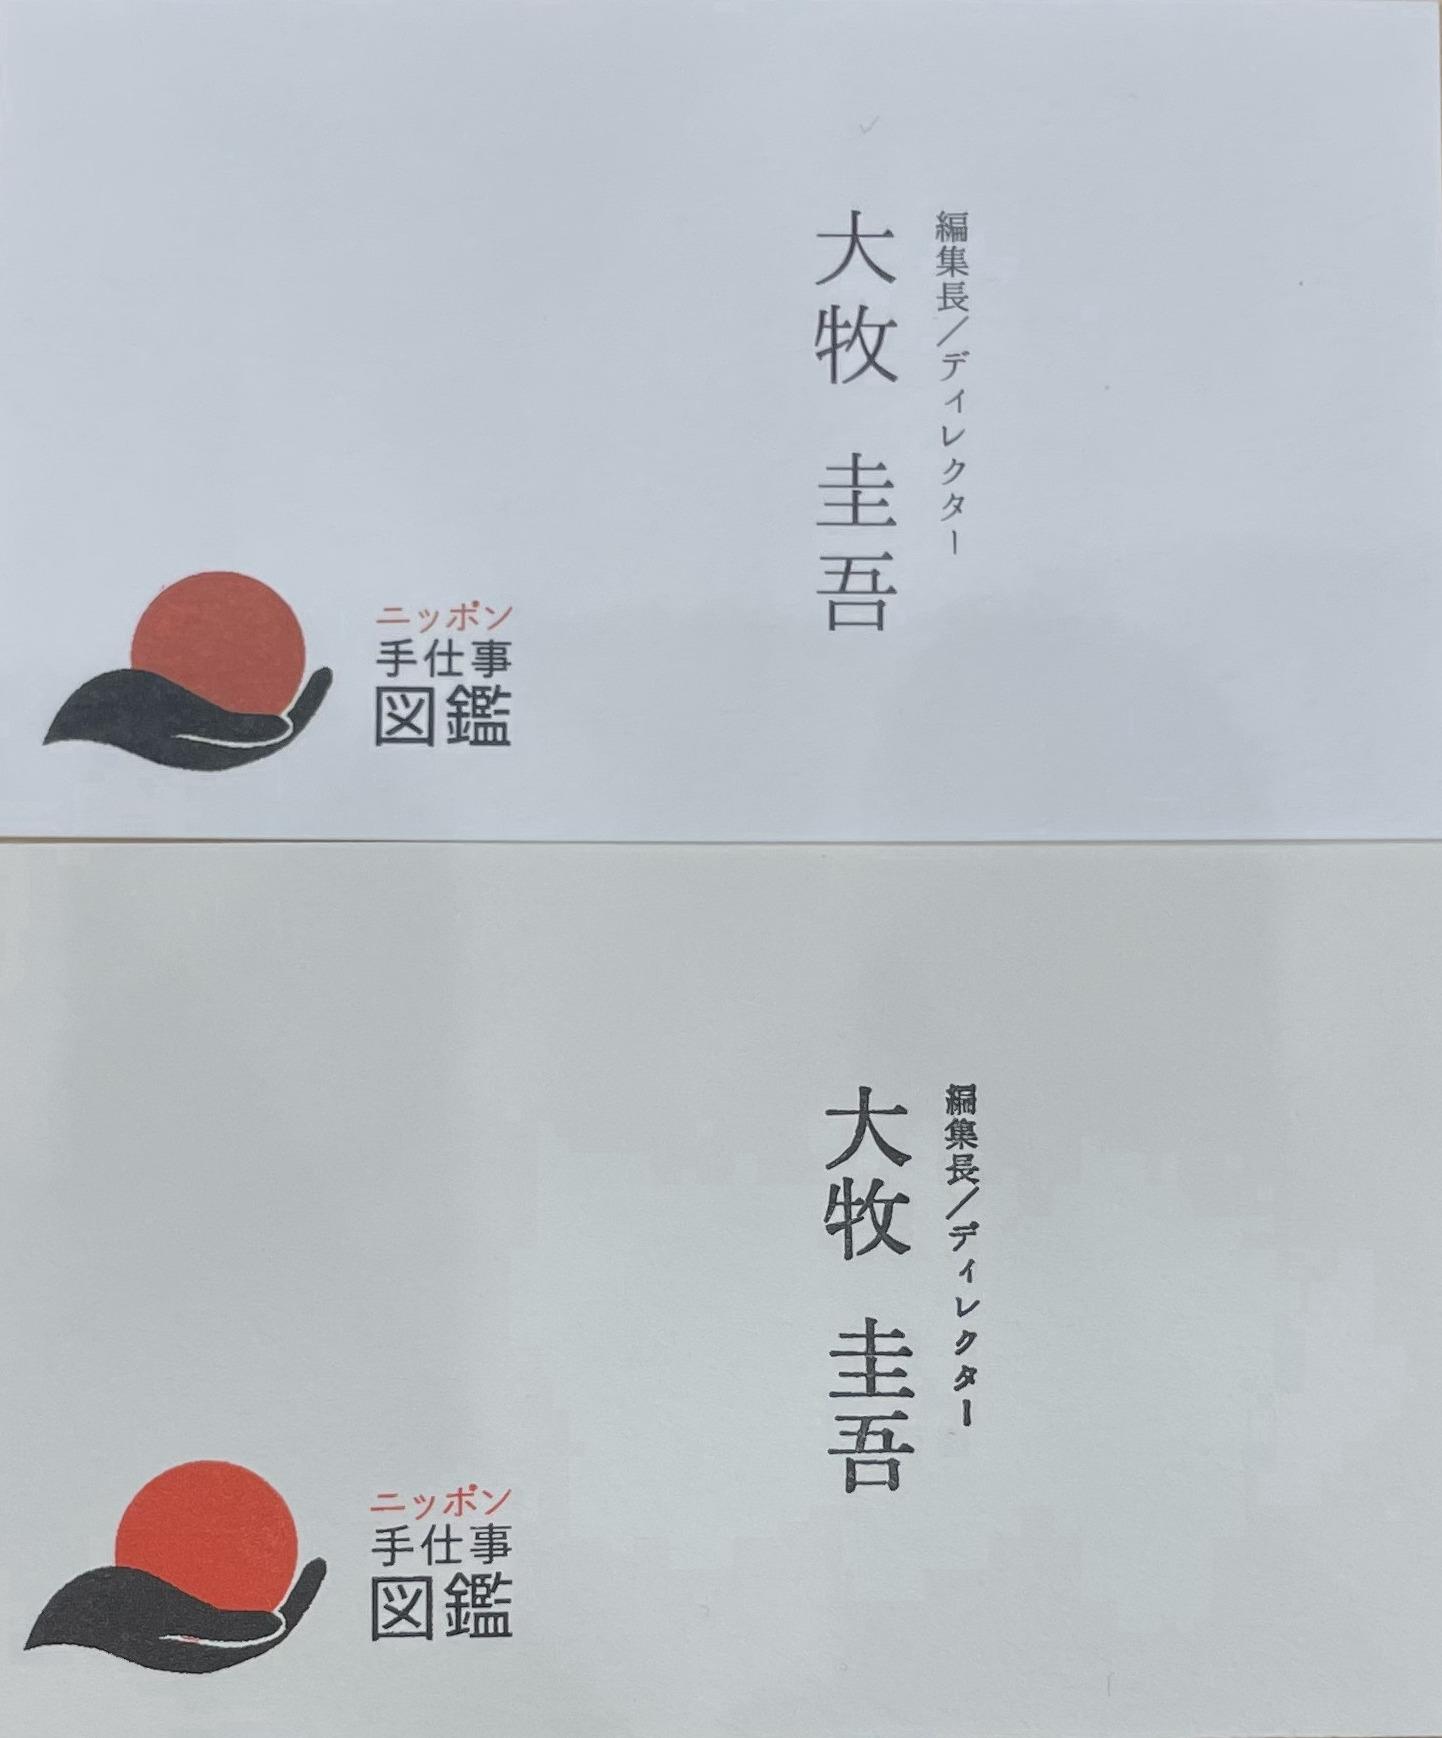 デジタル印刷で作られた名刺(上)と活版印刷で作られた名刺(下)